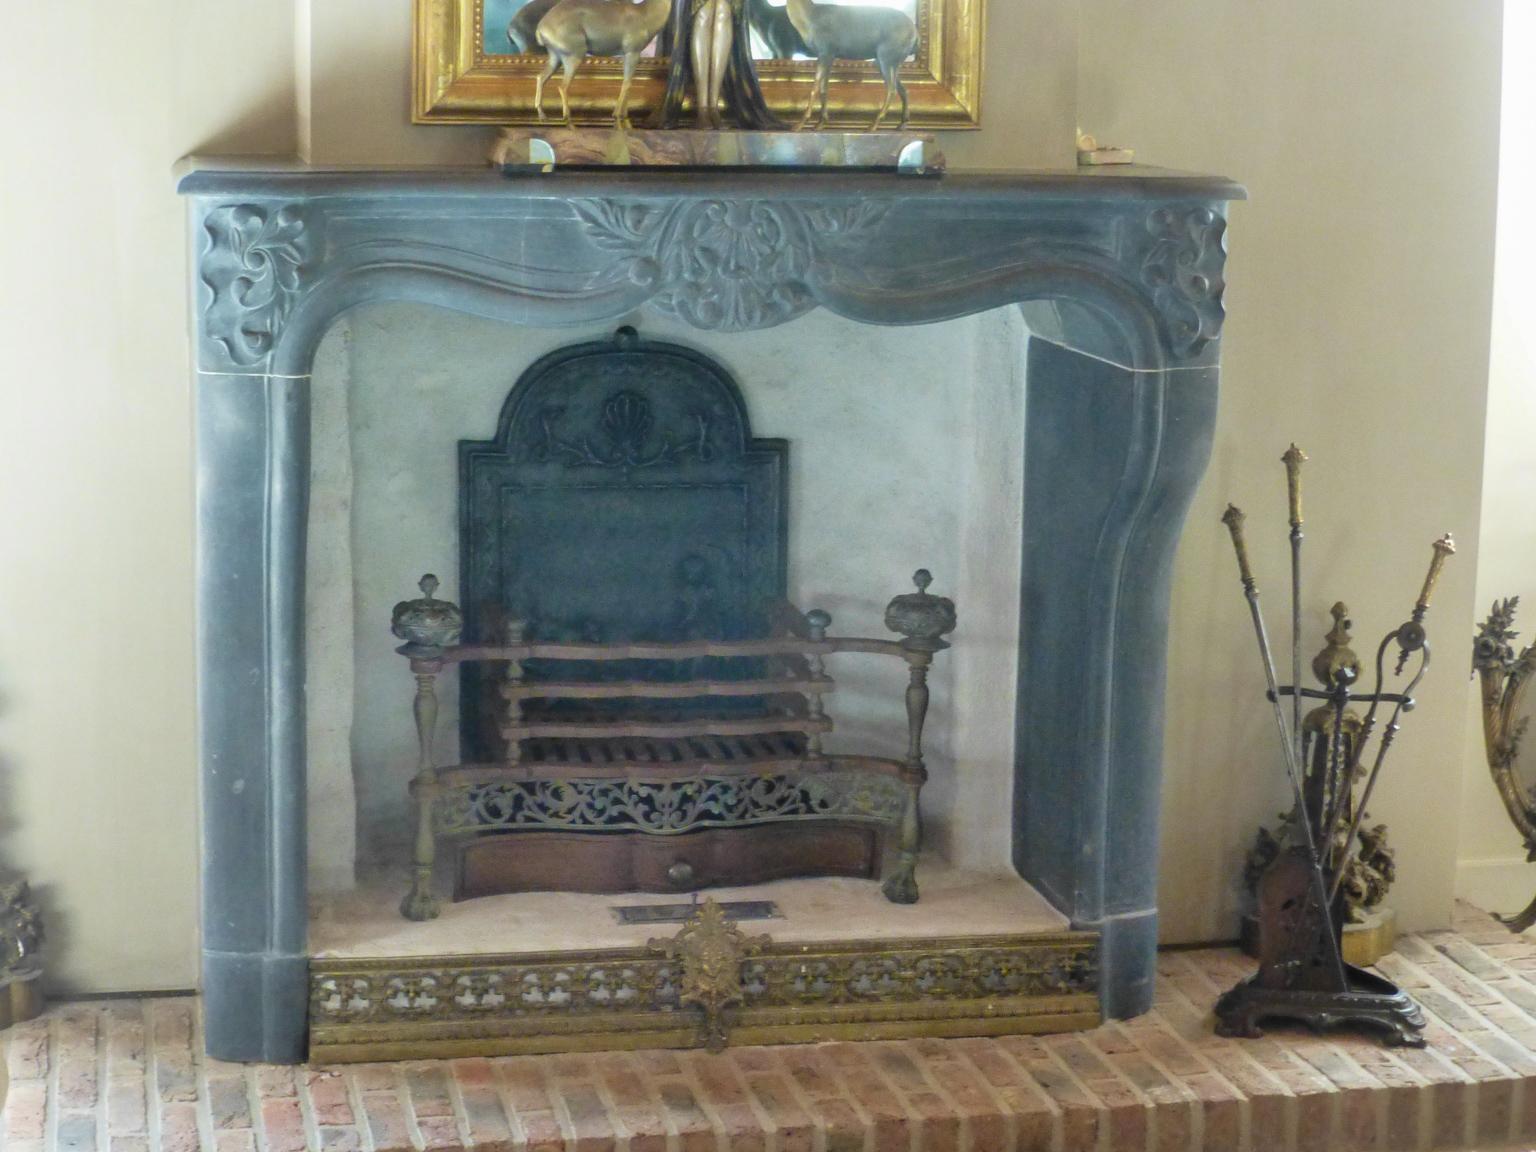 Grille de cheminée & serviteur: Soest, Pays Bas